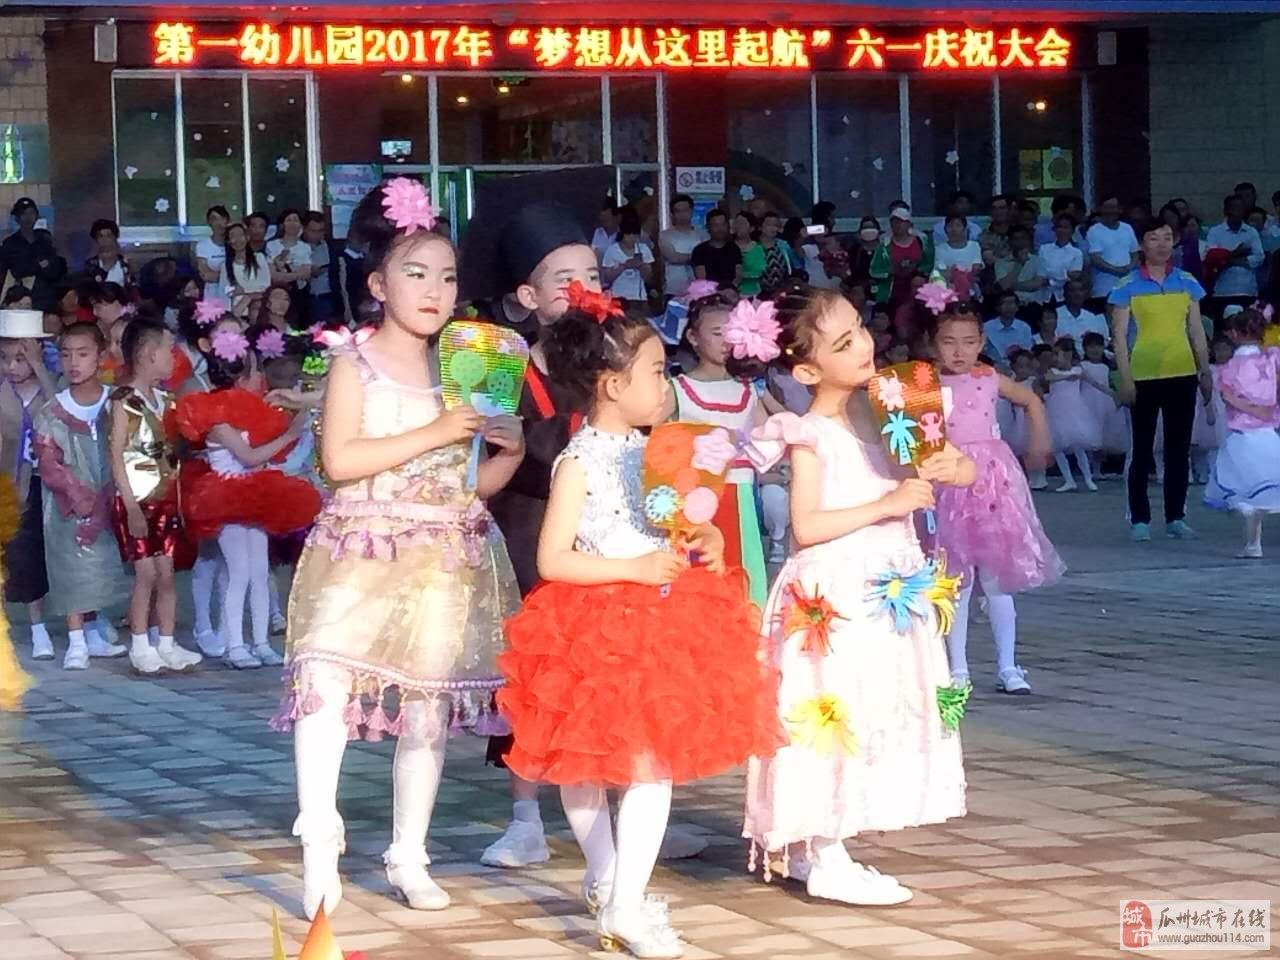 瓜州县渊泉第一幼儿园2017年六一庆祝大会